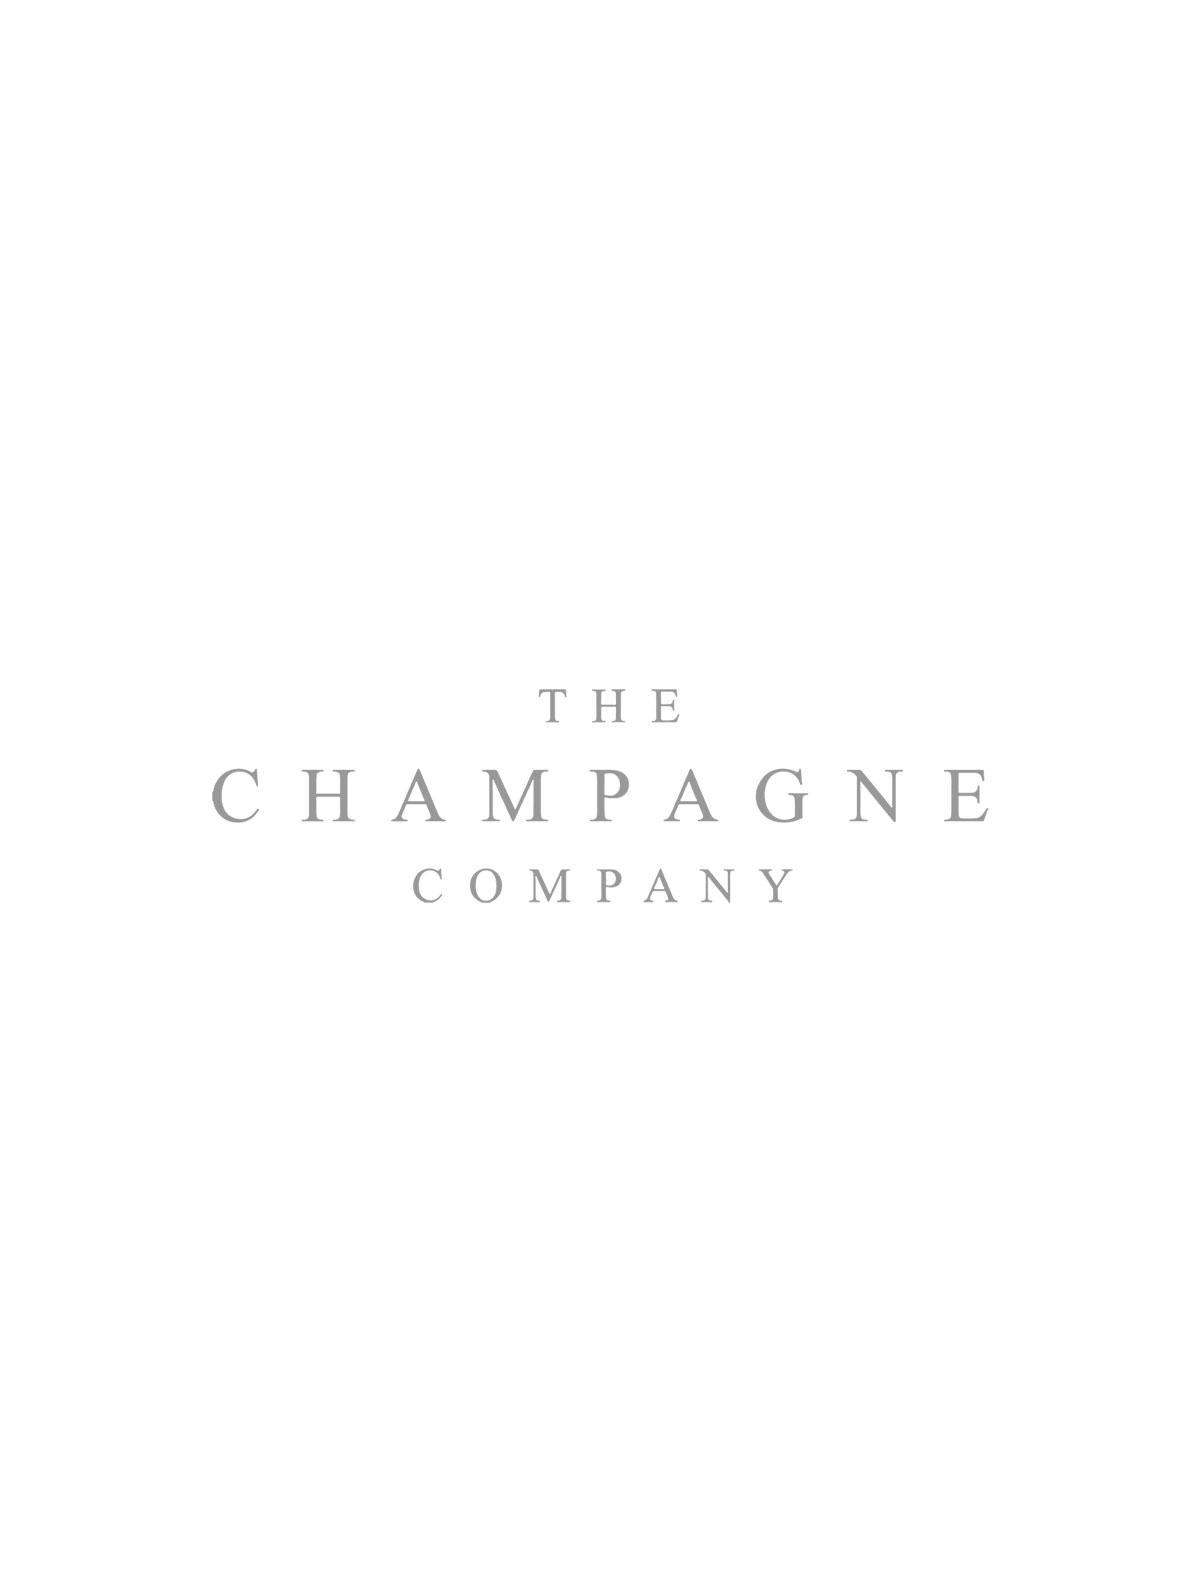 Louis Roederer Blanc de Blanc 2006/07 Vintage Champagne 75cl